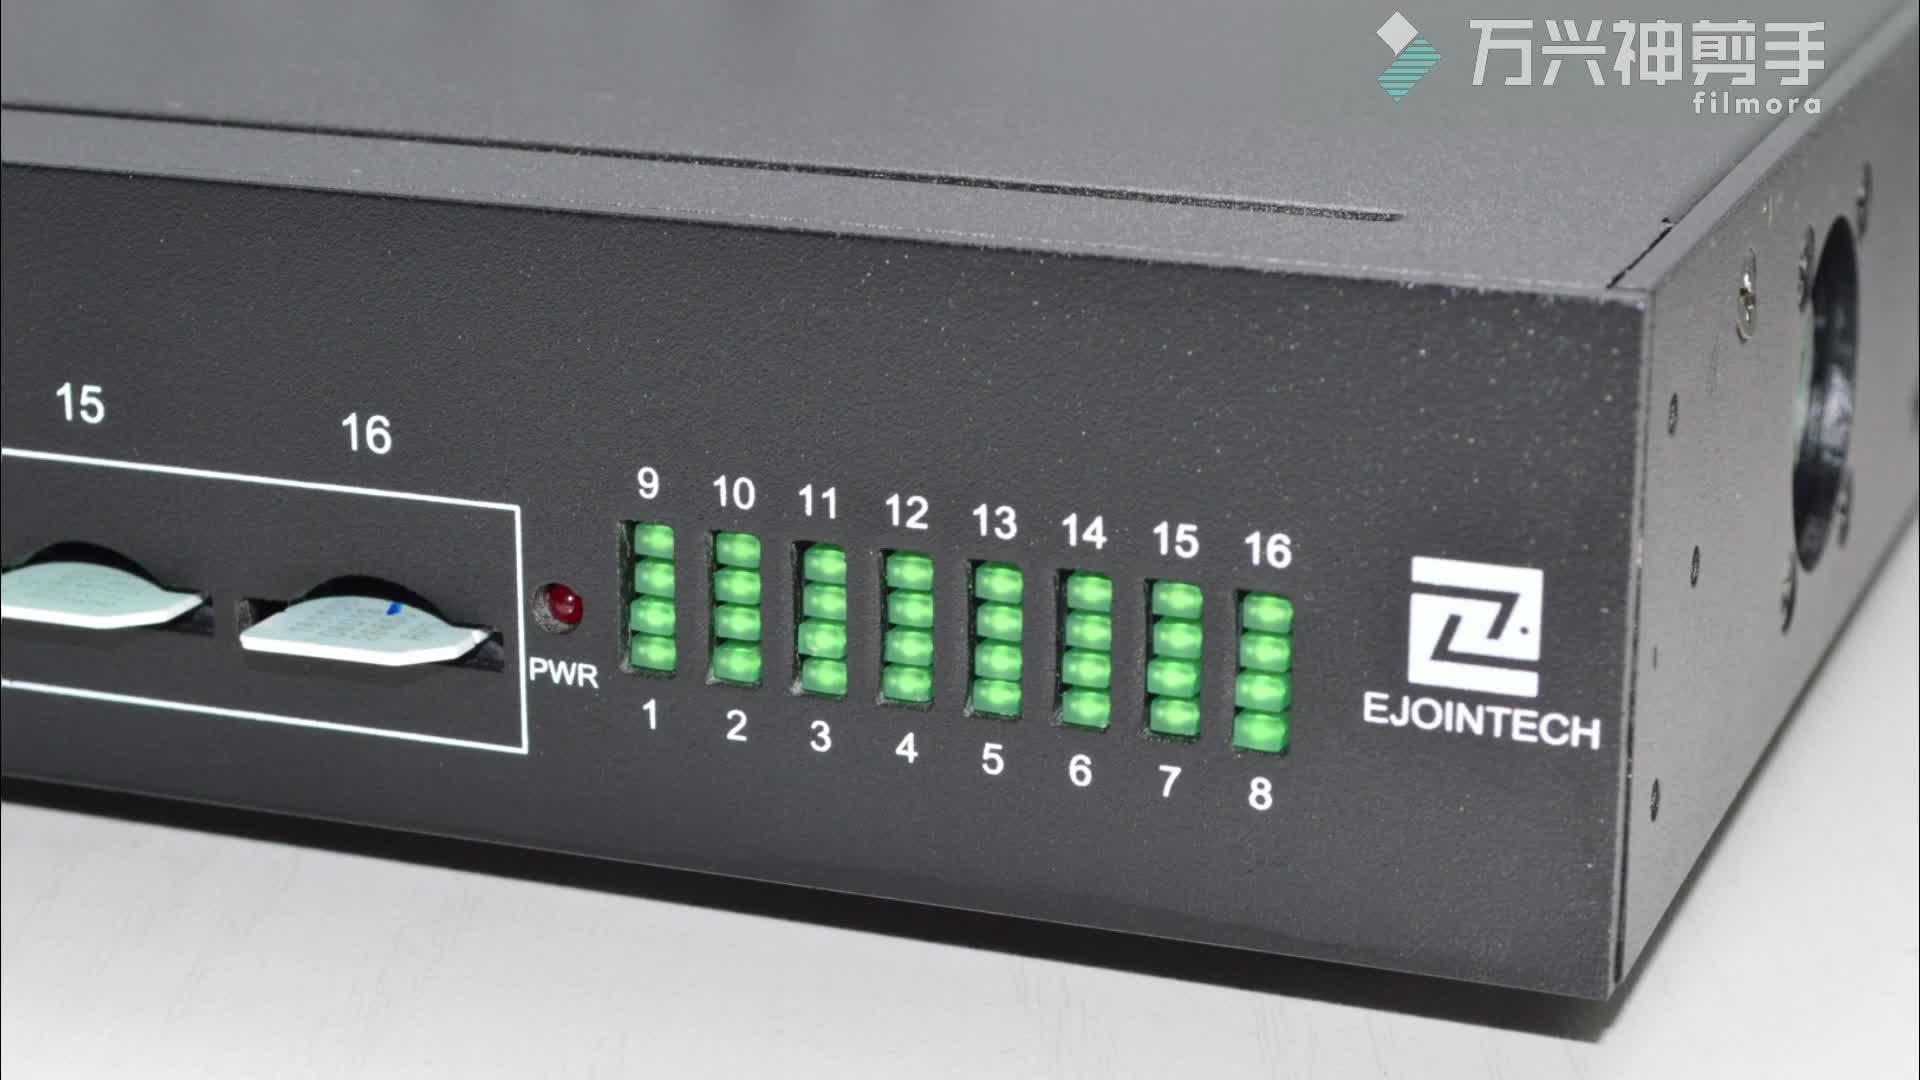 16 đa sim số lượng lớn sms gsm modem ejoin acom616 di động nạp tiền 16 cổng gsm modem với ussd